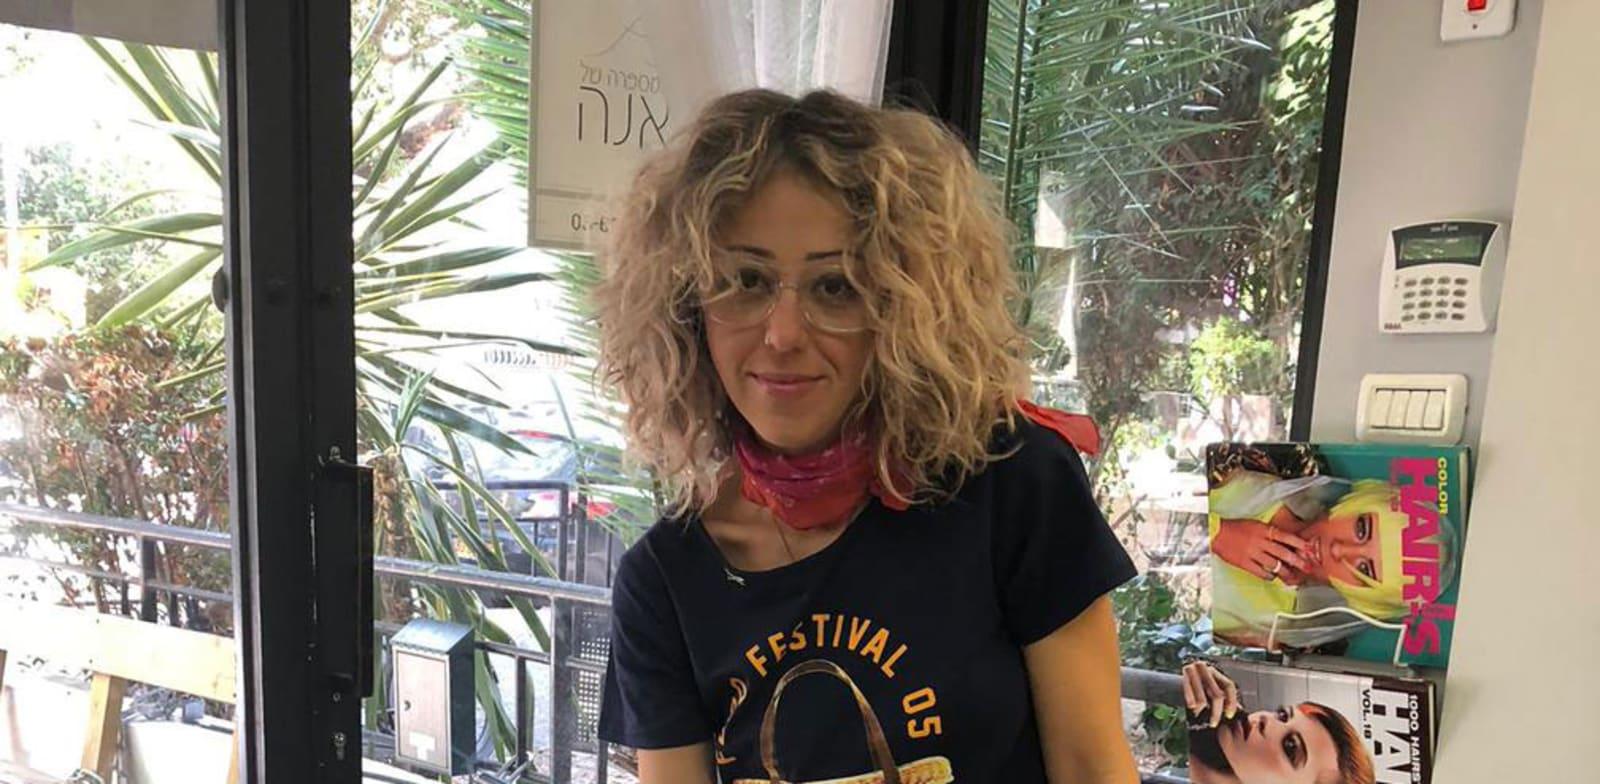 אנה טרטקובסקי, ספרית מתל אביב / תמונה פרטית